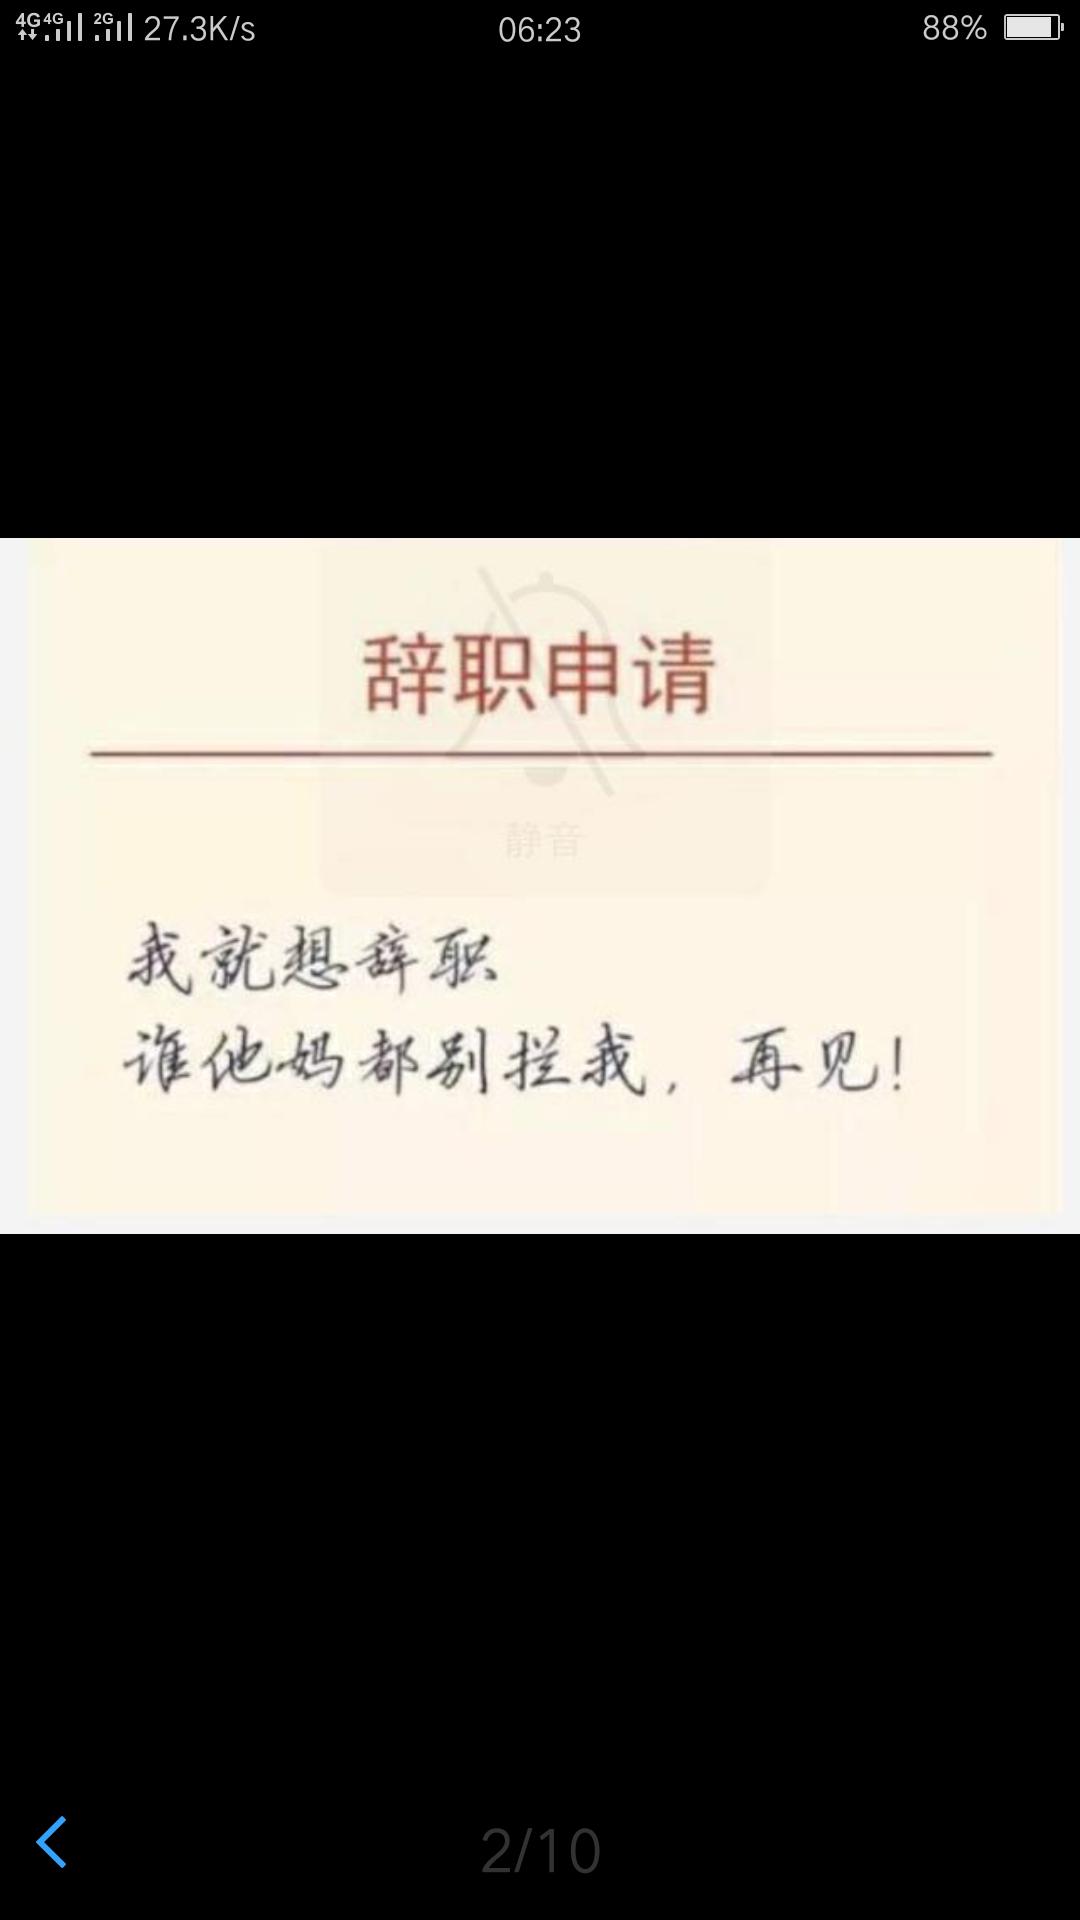 辞职信告辞1表情动态王源表情包0图片